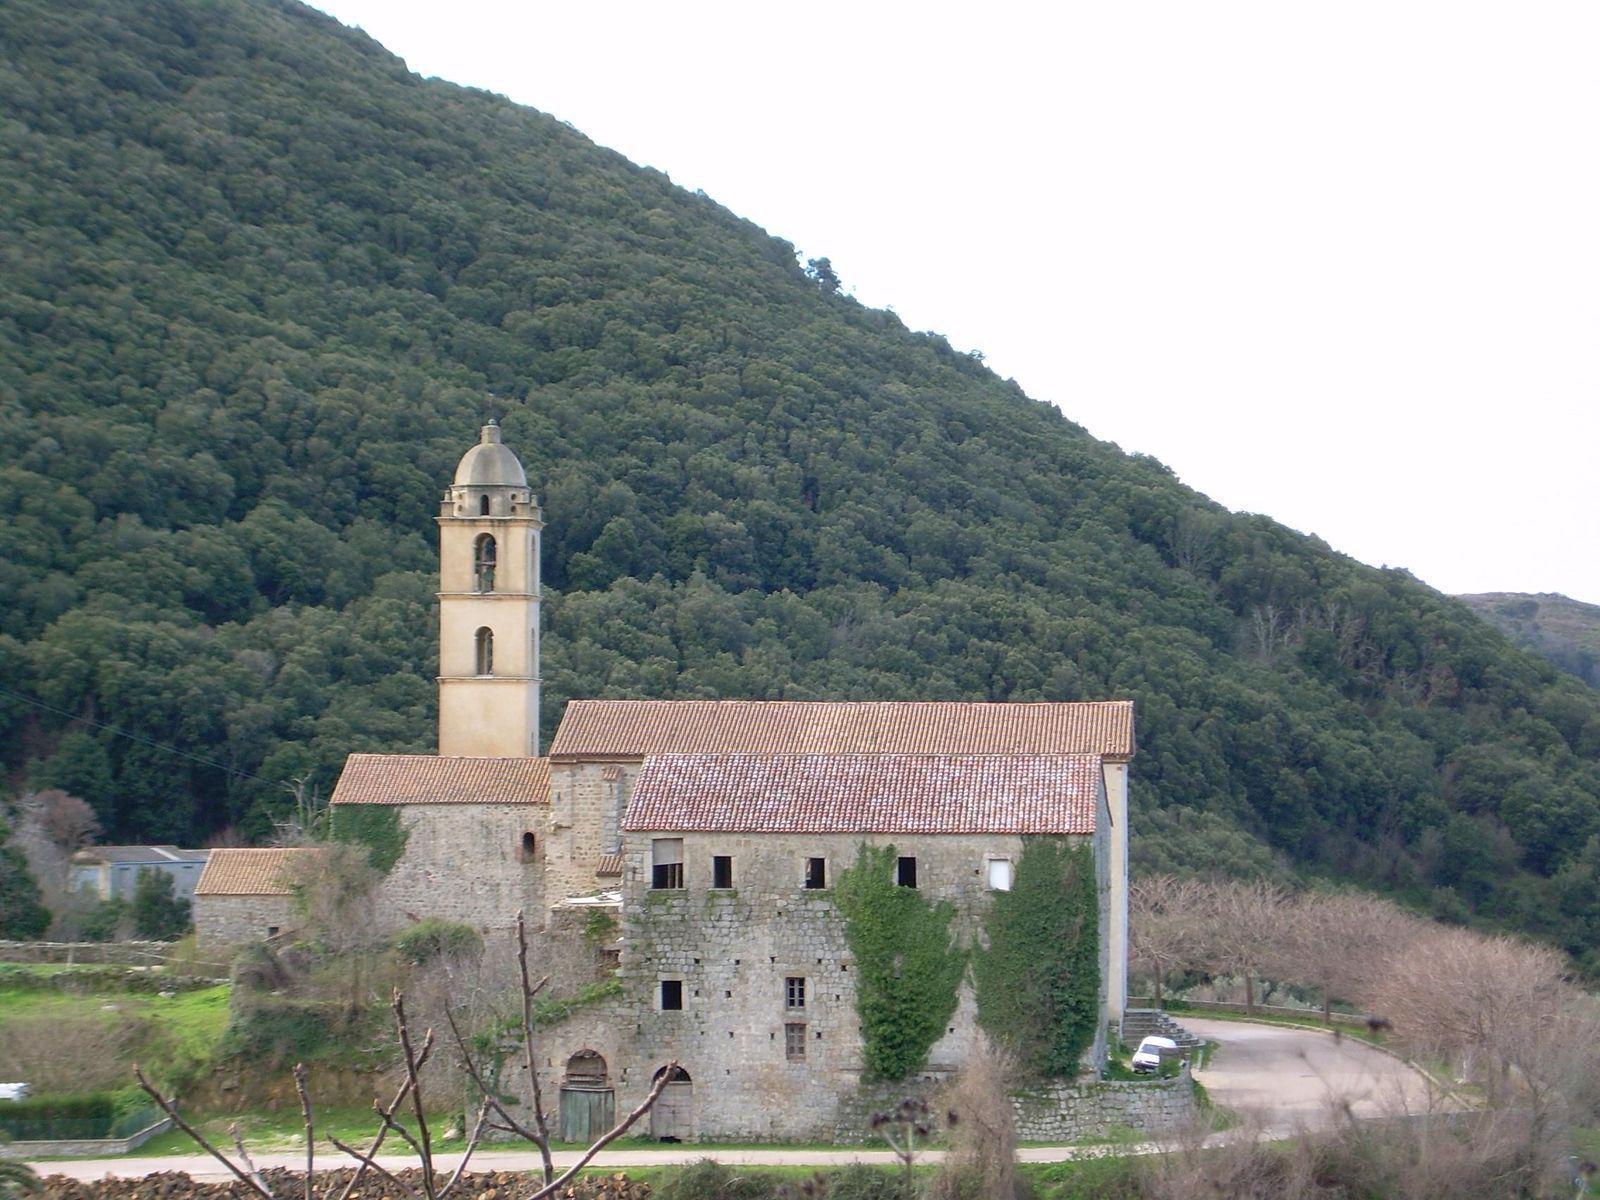 Couvent Saint-François_Sainte-Lucie-de-Tallano